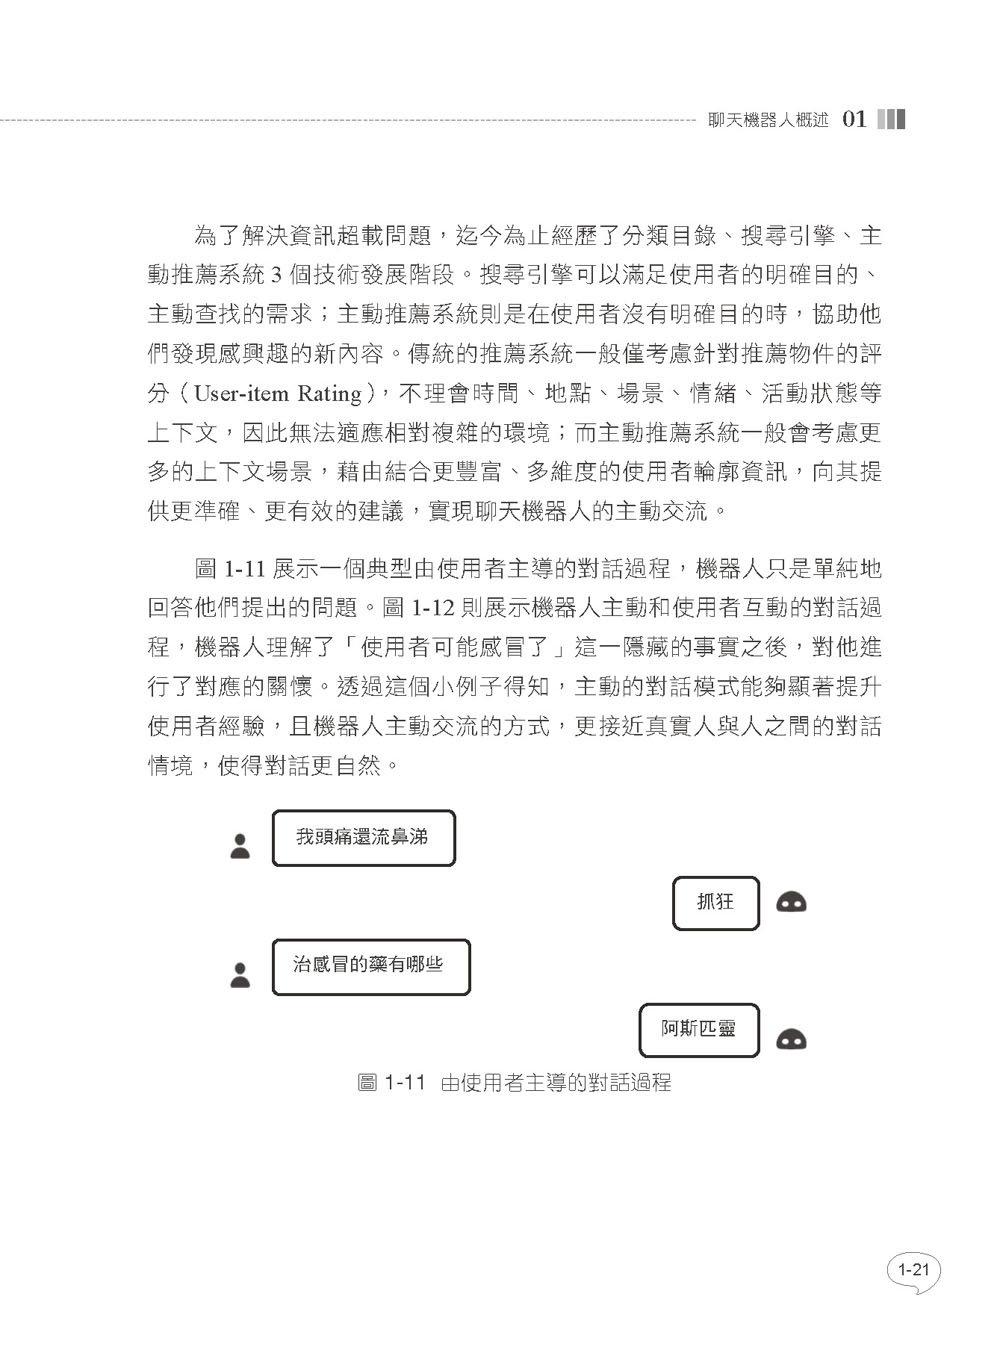 中文自然語言處理實戰:聊天機器人與深度學習整合應用-preview-10